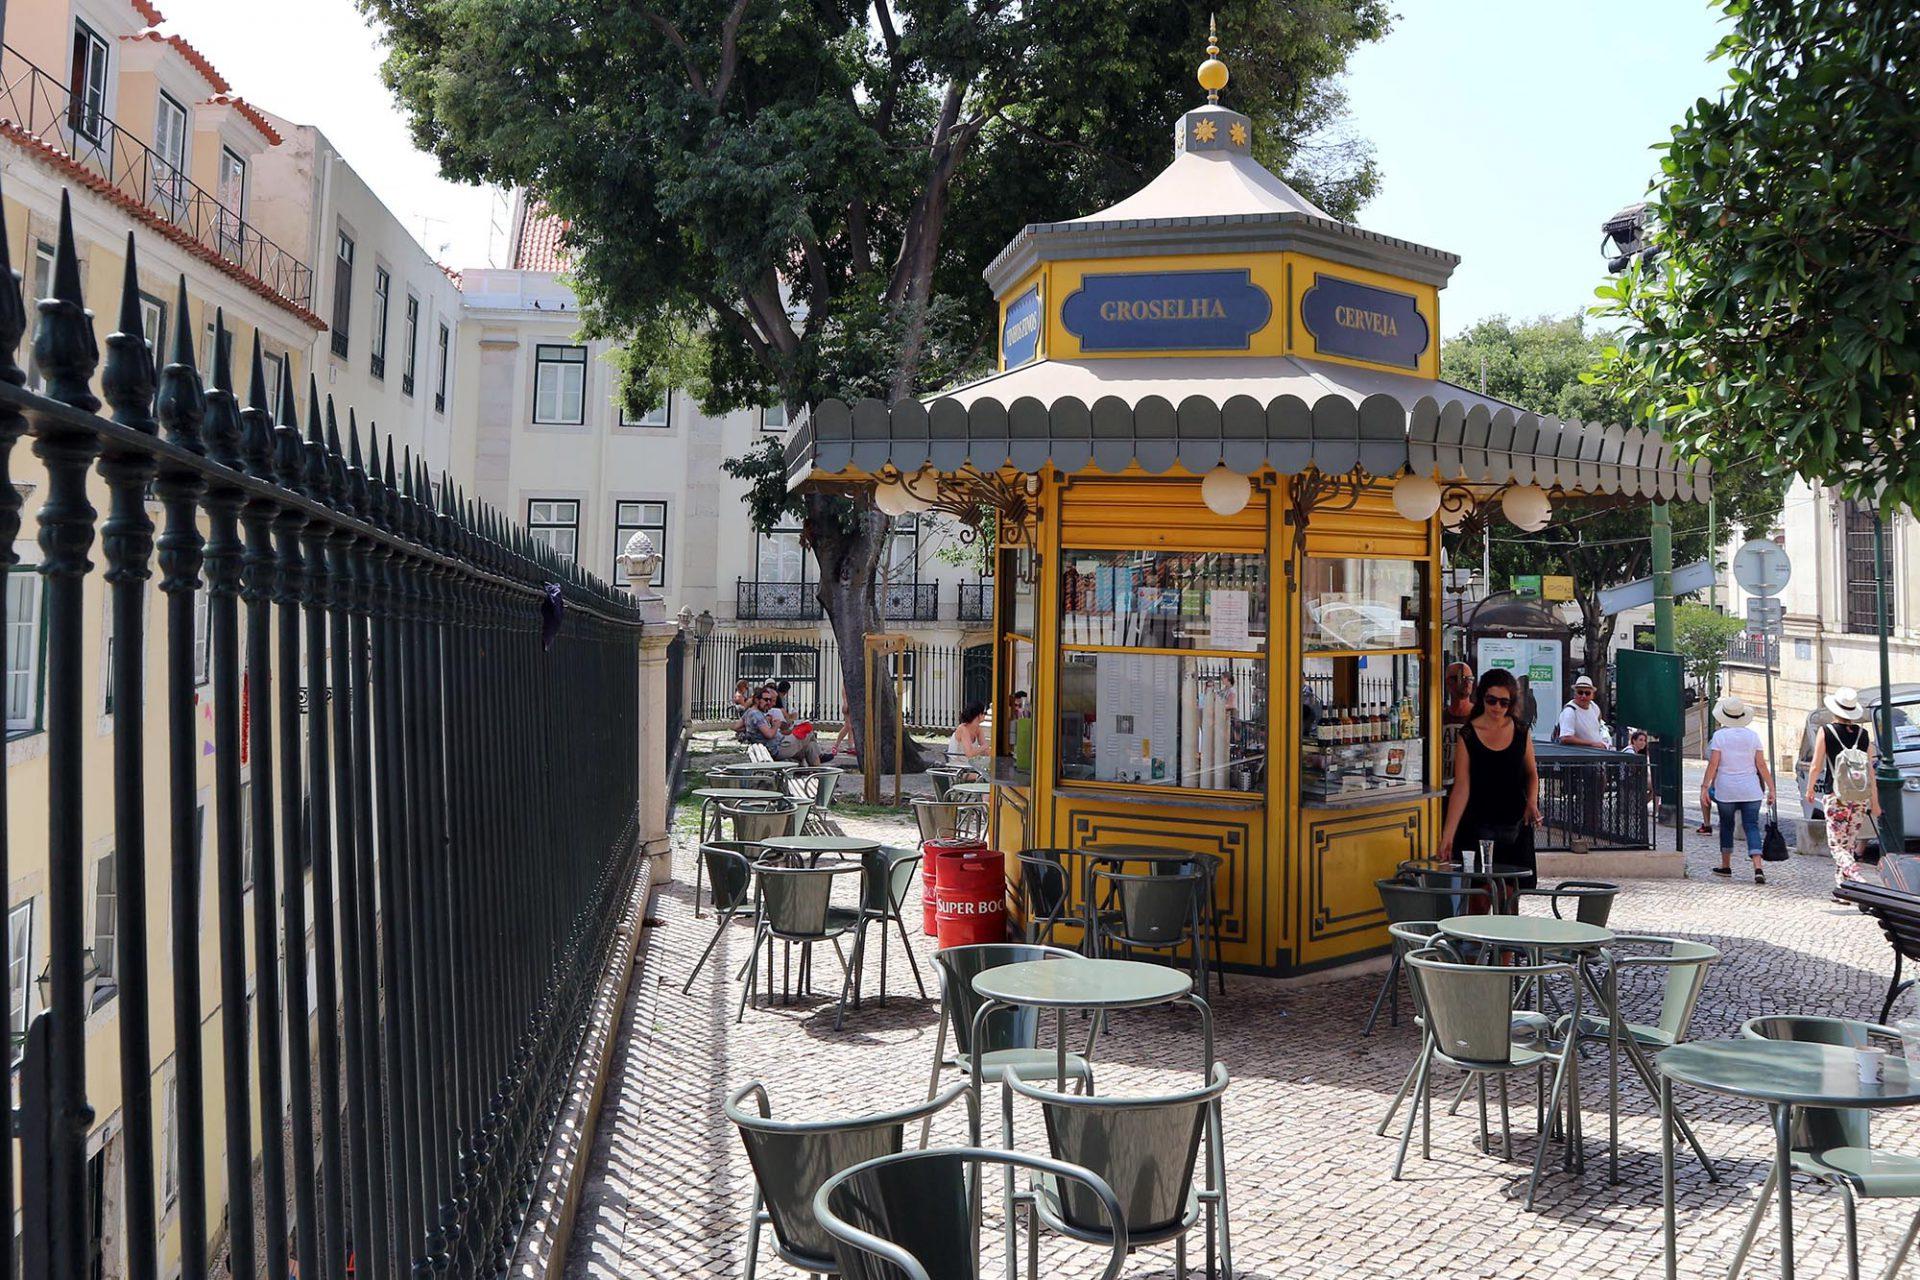 Jardim Augusto Rosa.  Ein besonders schöner Quiosque do Refresco ziert den schmalen Platz vor dem Museu Tesouro da Sé Patriarcal de Lisboa.